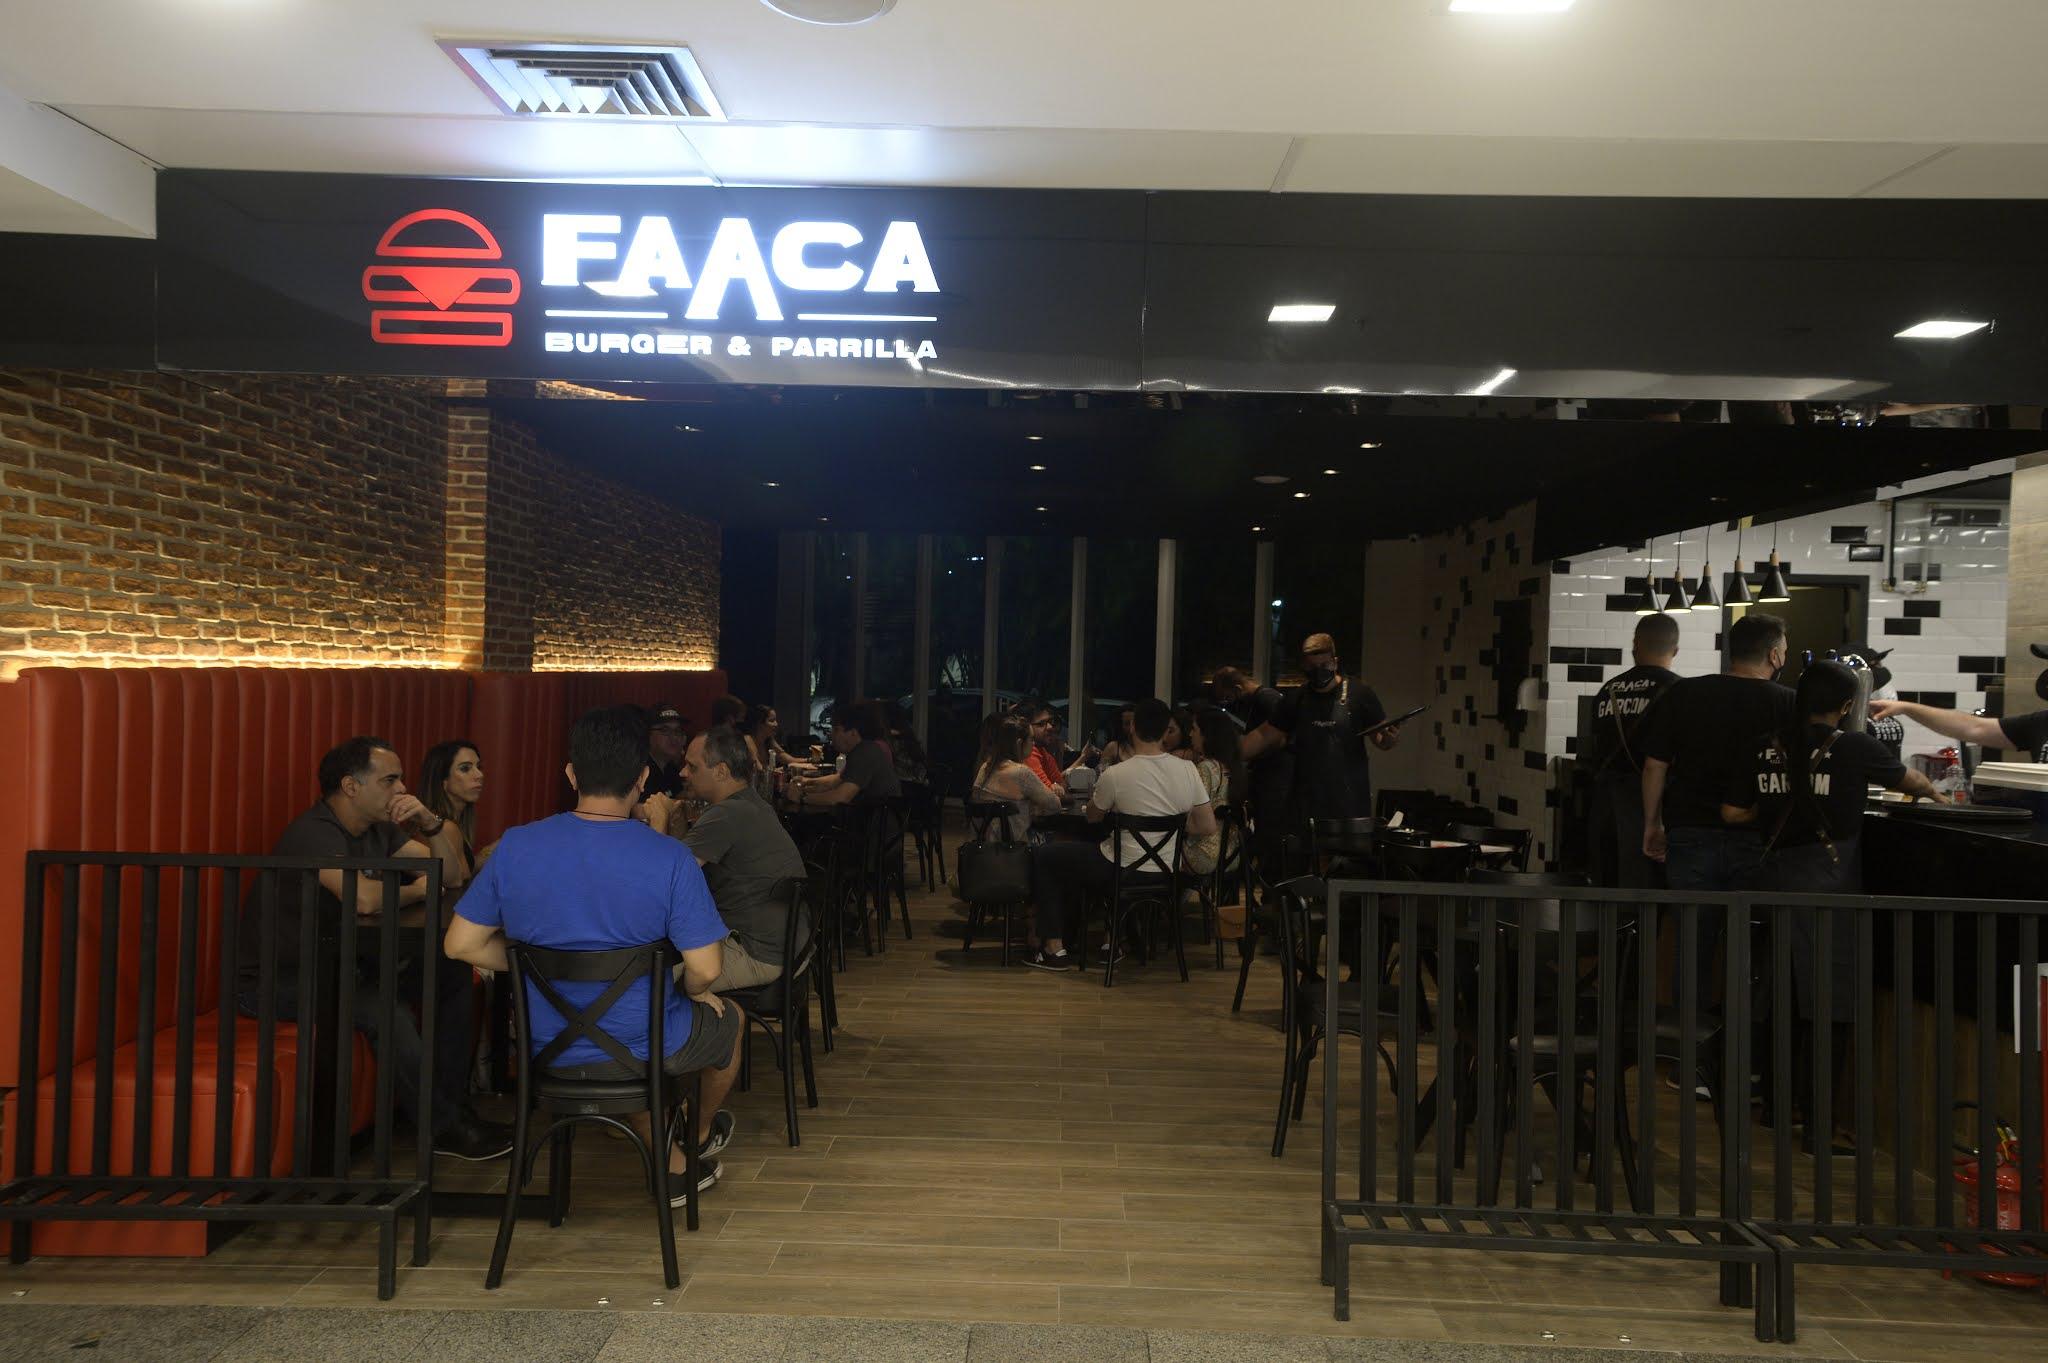 Faaca Burger e Parrilla presenteia mães e avós no Recife